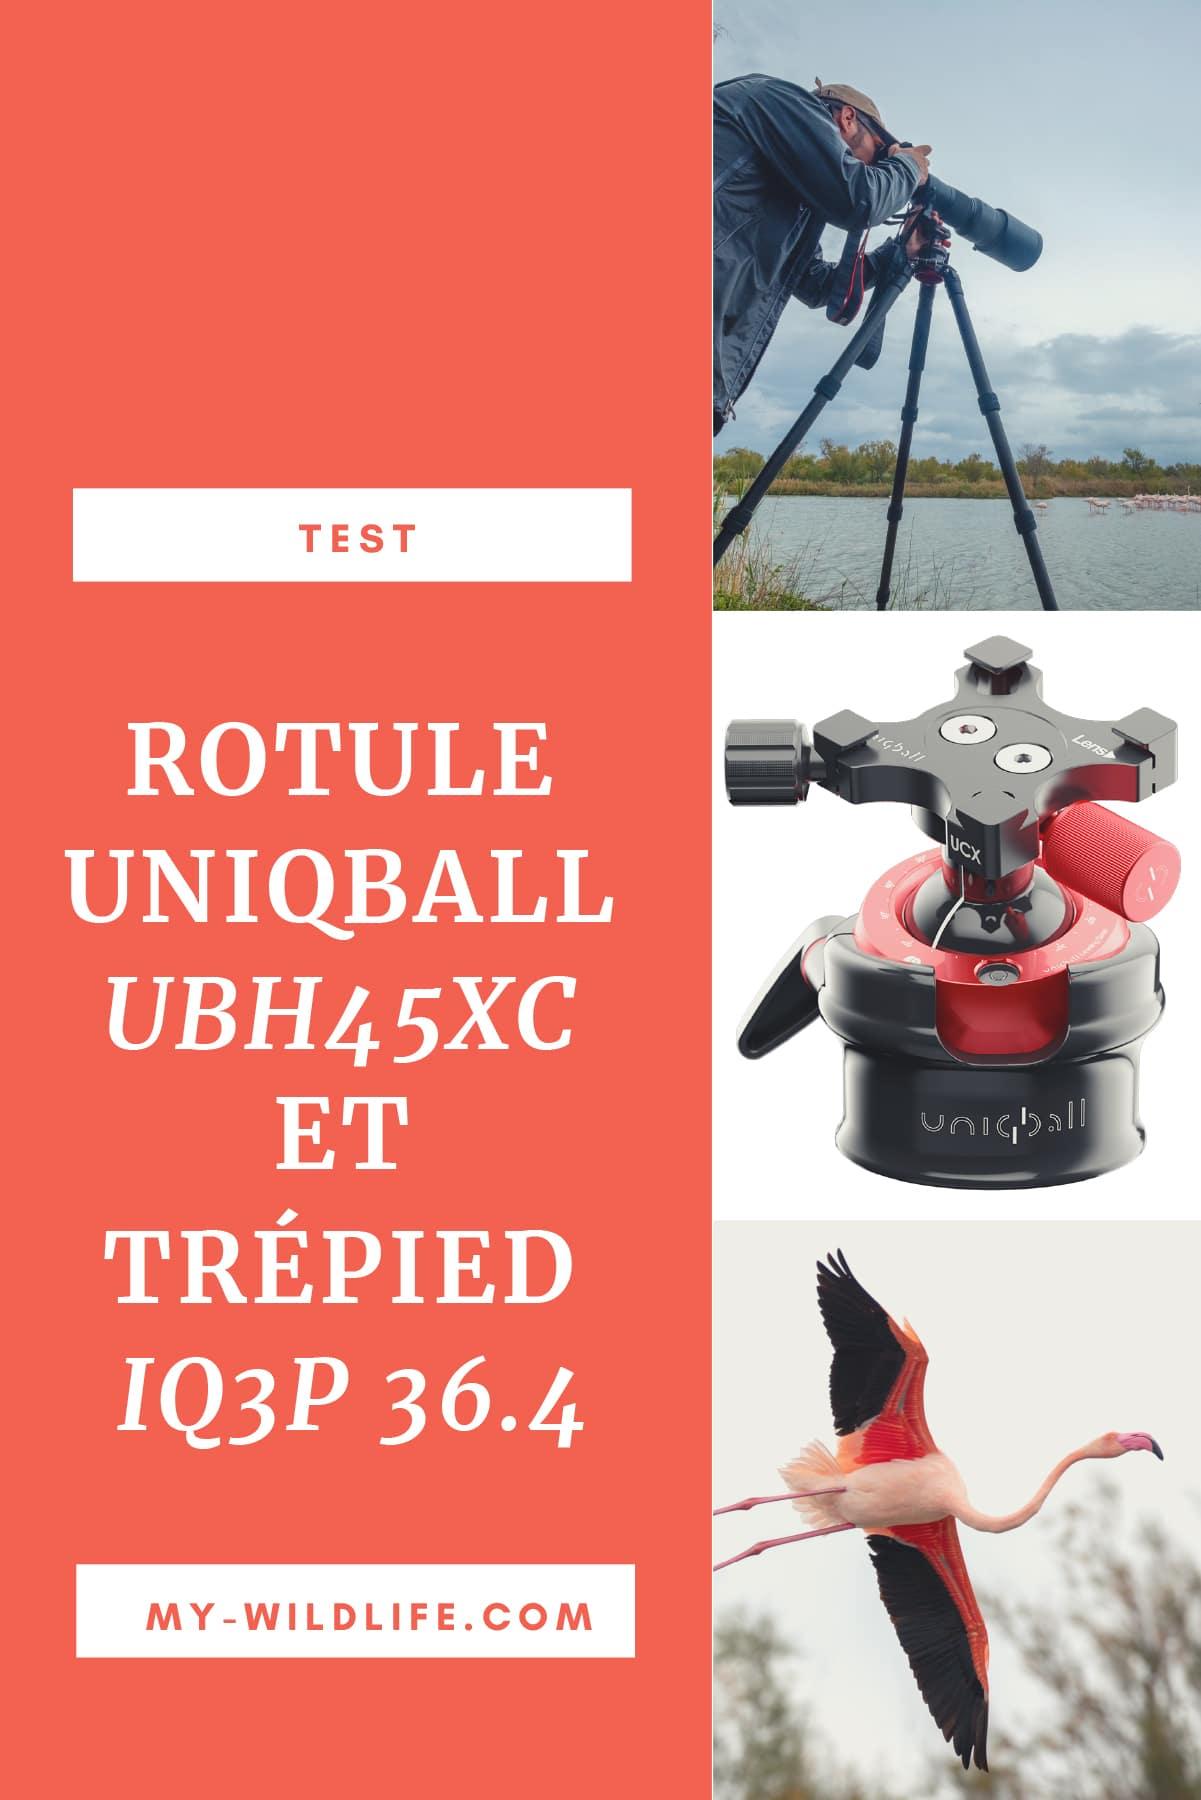 uniqball-01